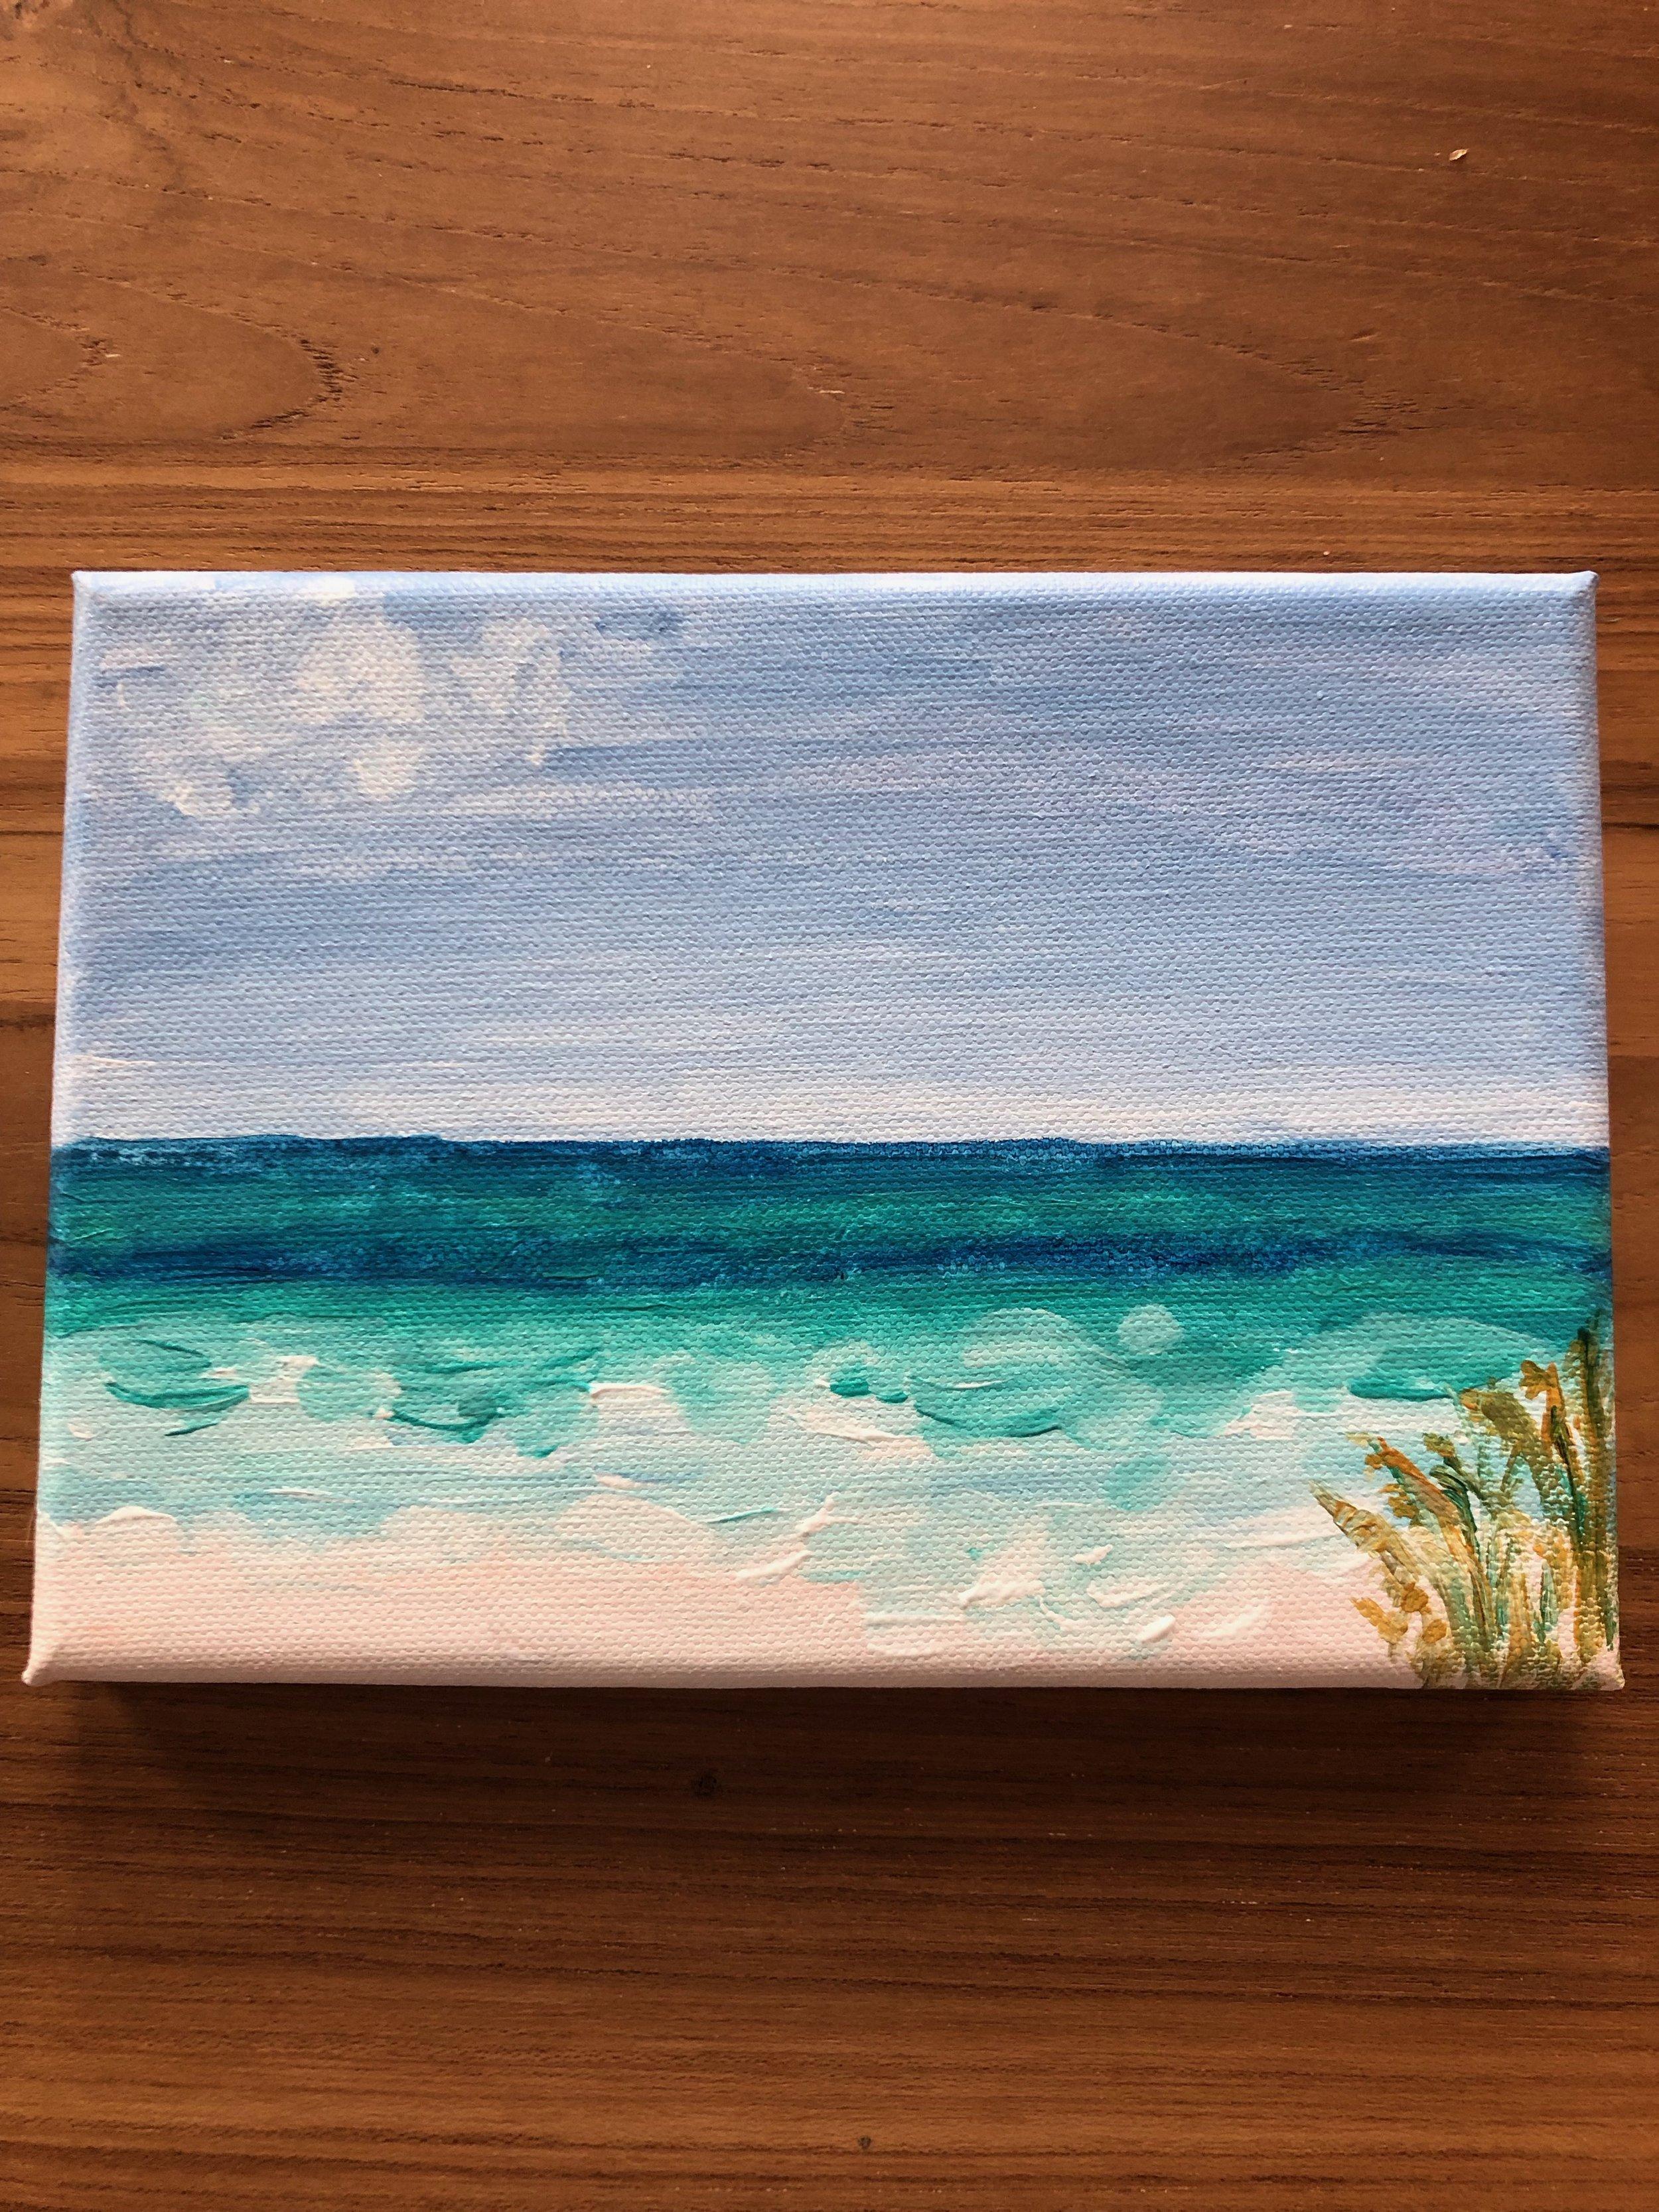 More emerald sea and white beach